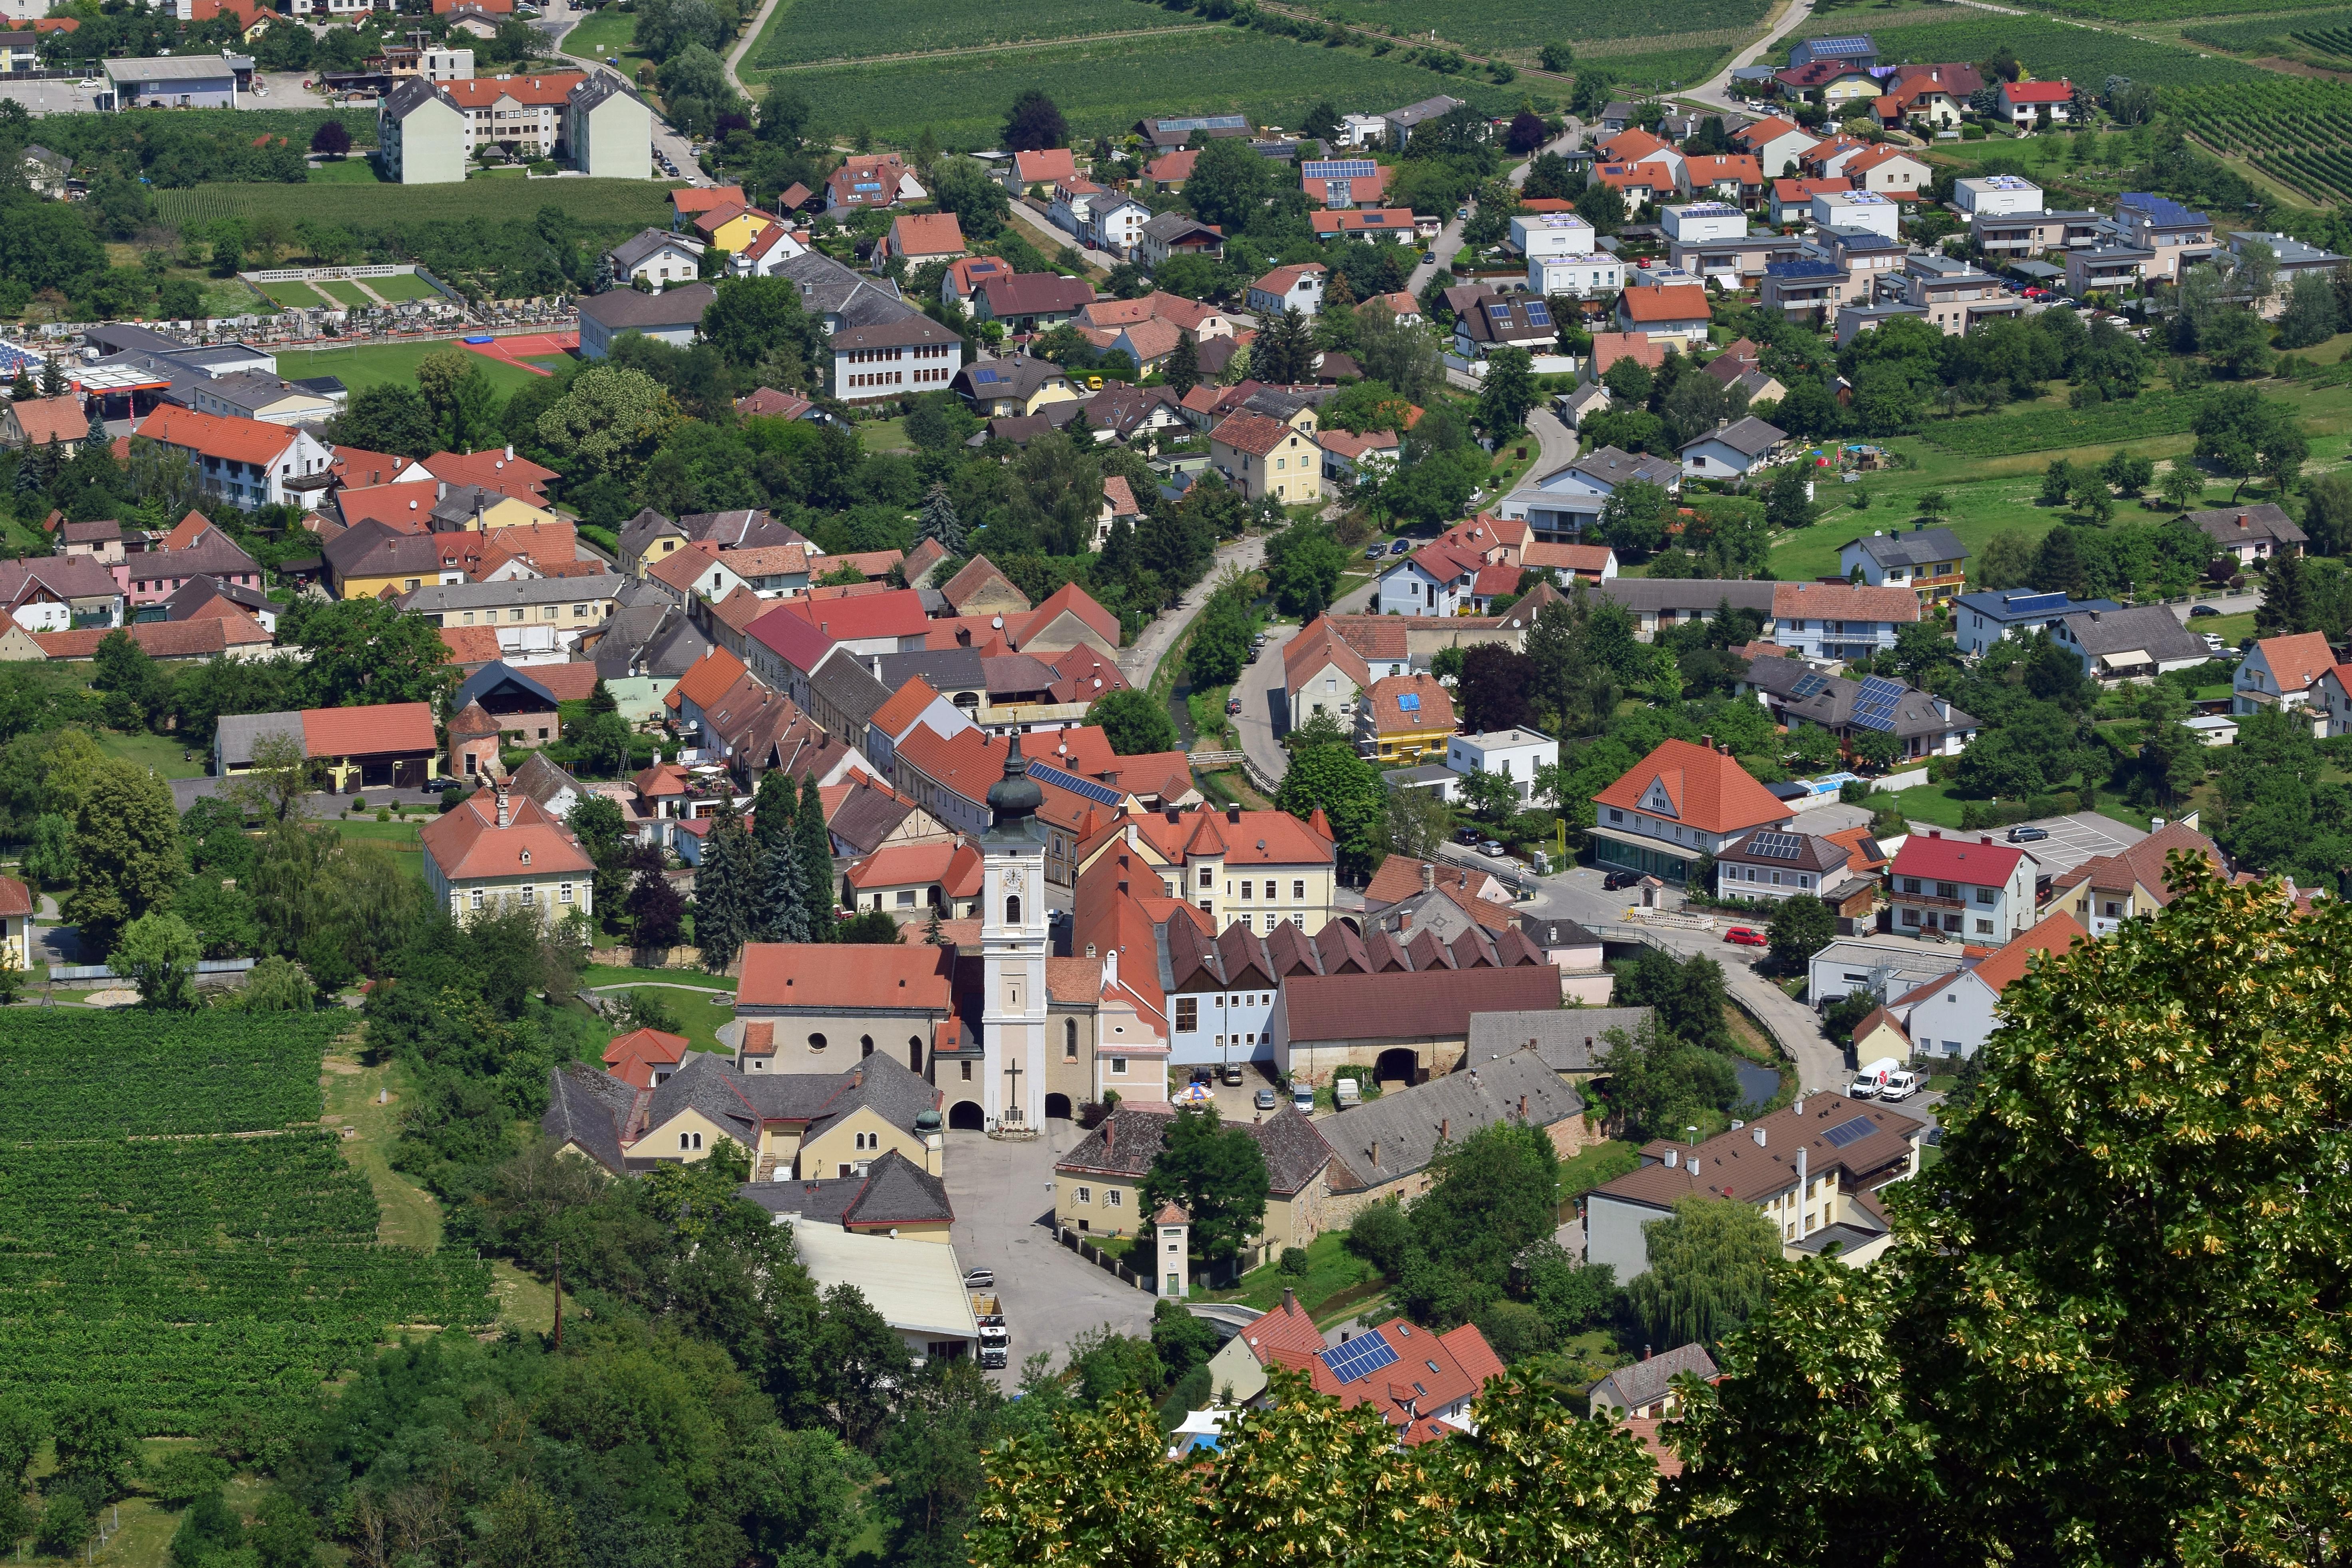 Furth bei Gttweig, Austria Hobbies Events   Eventbrite